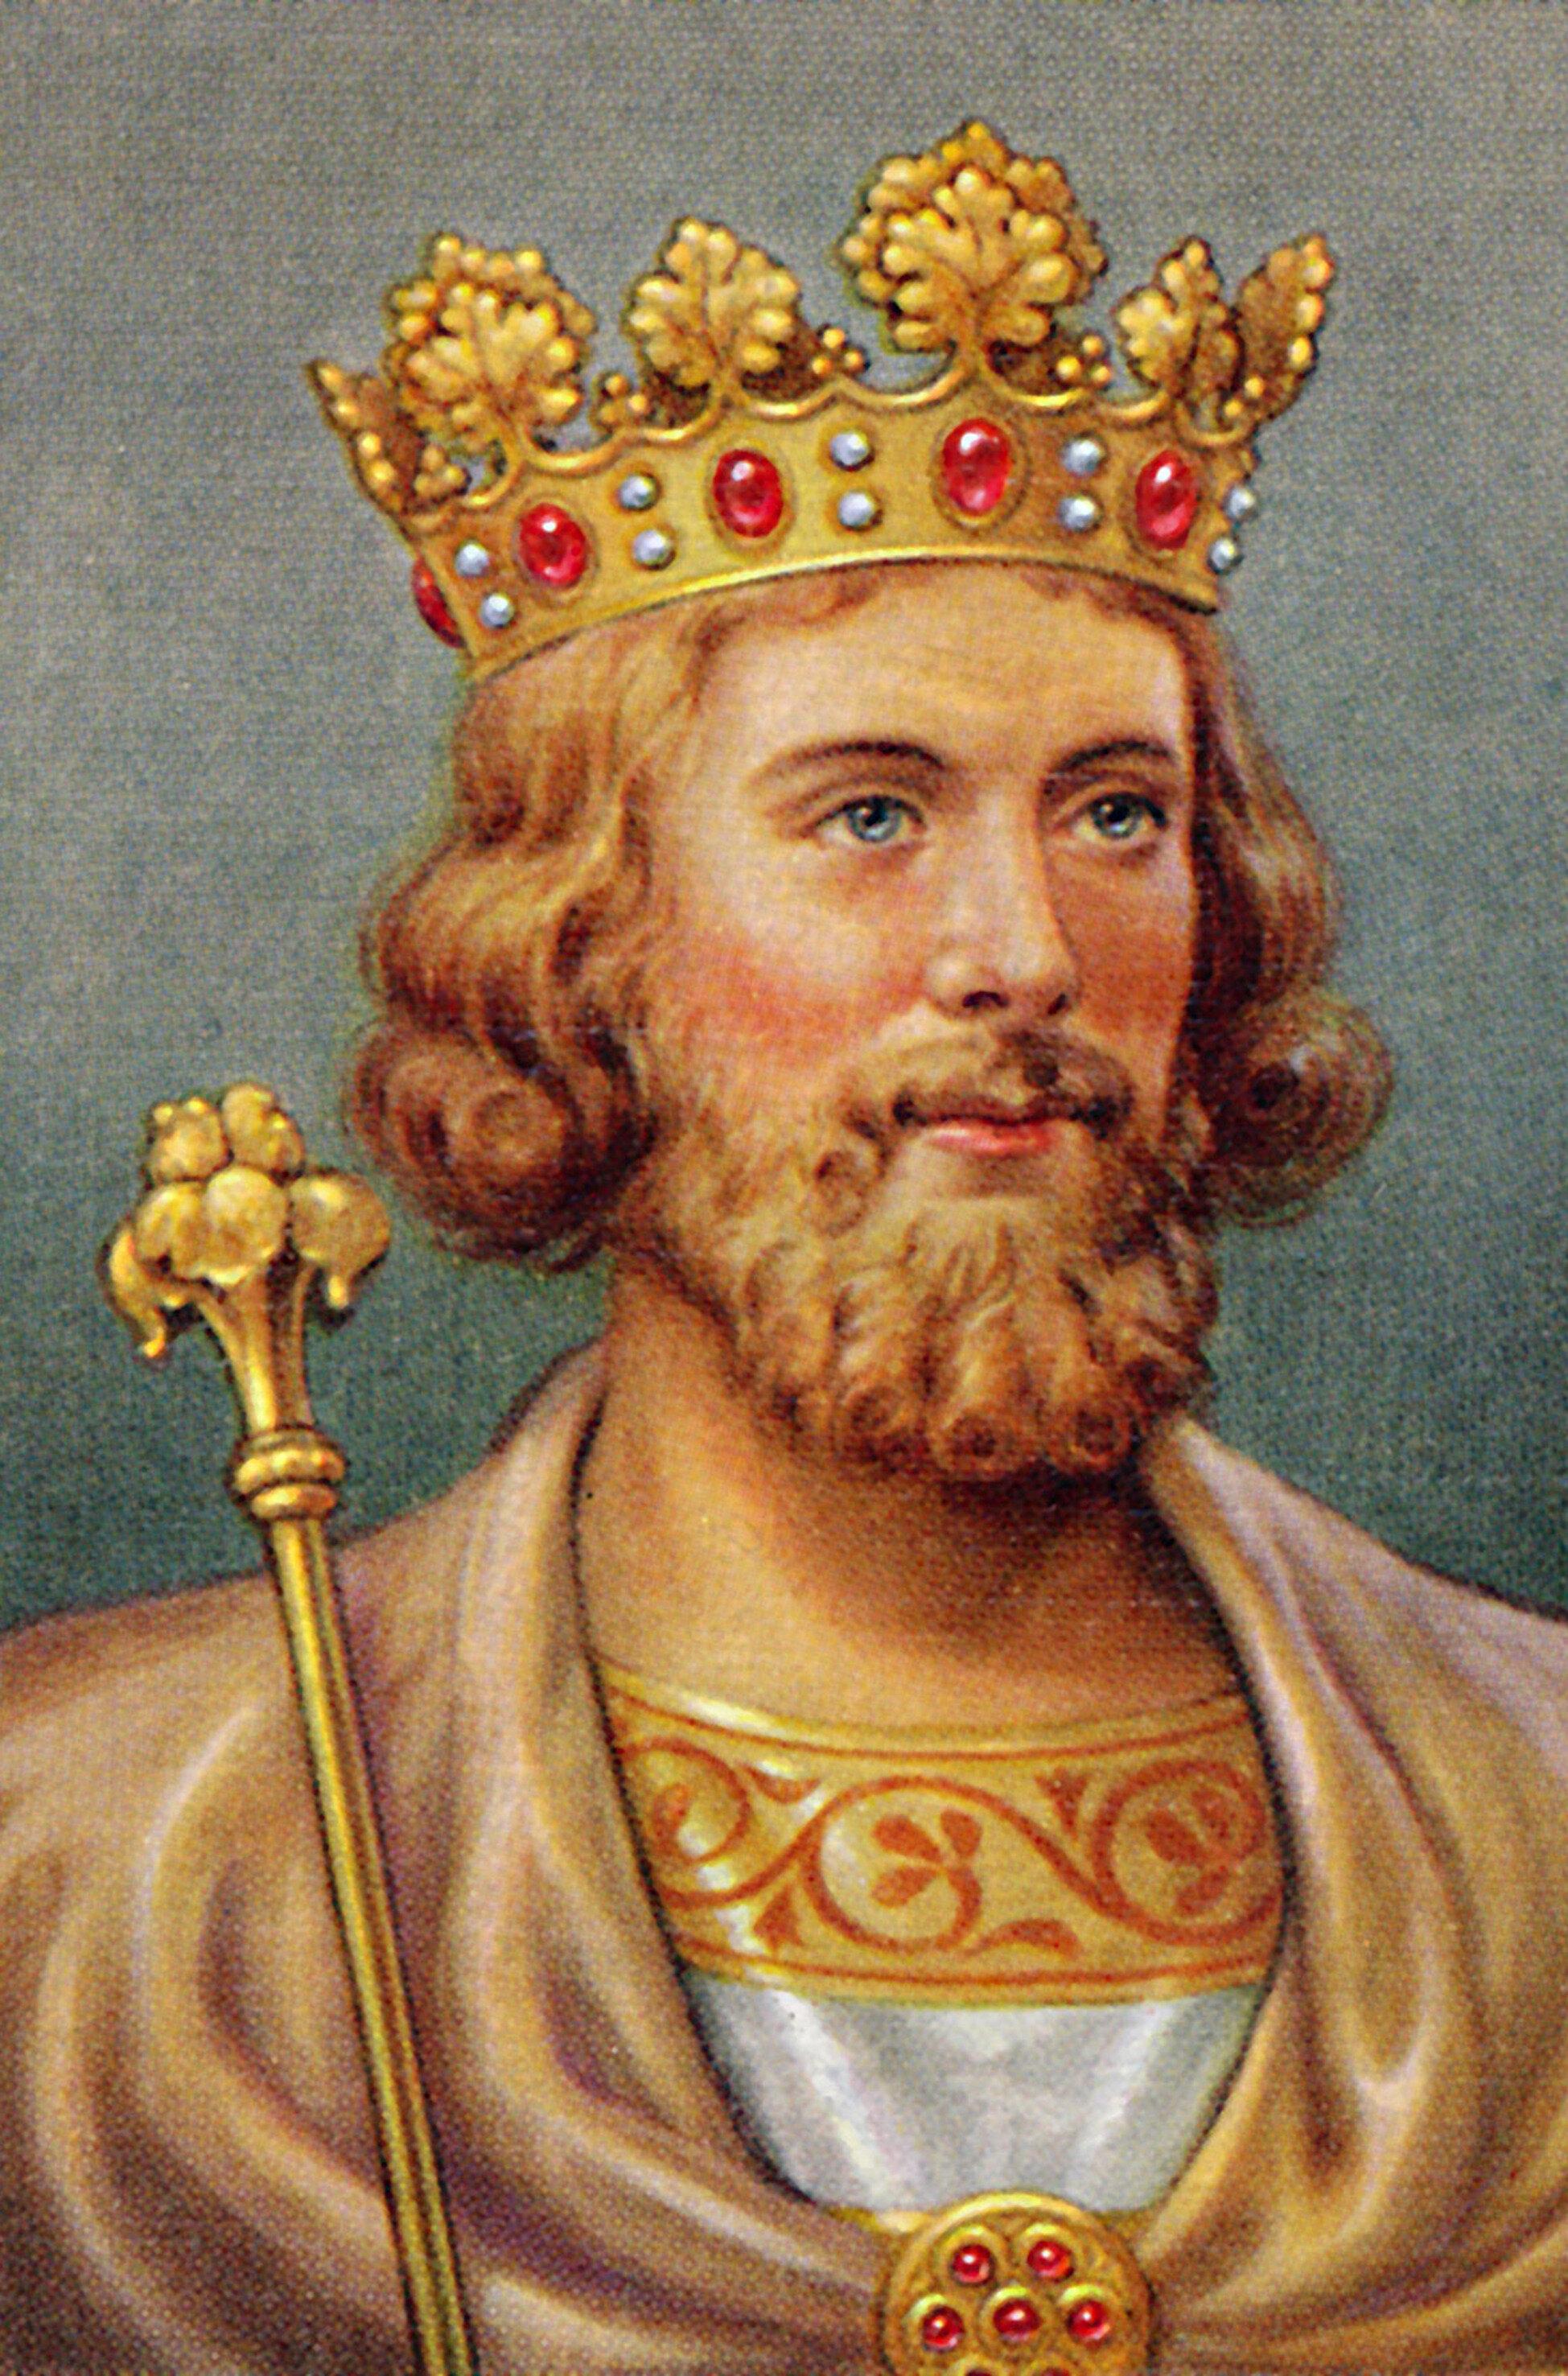 Seine Gegner warfen ihm vor, homosexuell zu sein. Die männlichen Favoriten, die er in seinem kurzen Leben um sich scharte, gaben ihnen Anlass dazu. Er wäre nicht daran gescheitert, hätte er sich als tatkräftiger König erwiesen. Edward II. war kein König wie sein Vater und sein Sohn. Und die Umstände seiner Zeit machten ihm das Regieren nicht leicht. Schließlich setzte seine Frau, Isabella von Frankreich, ihn ab. Bereits wenig später war er tot. Diverse Mythen ranken sich um dieses Ende.  © Alamy